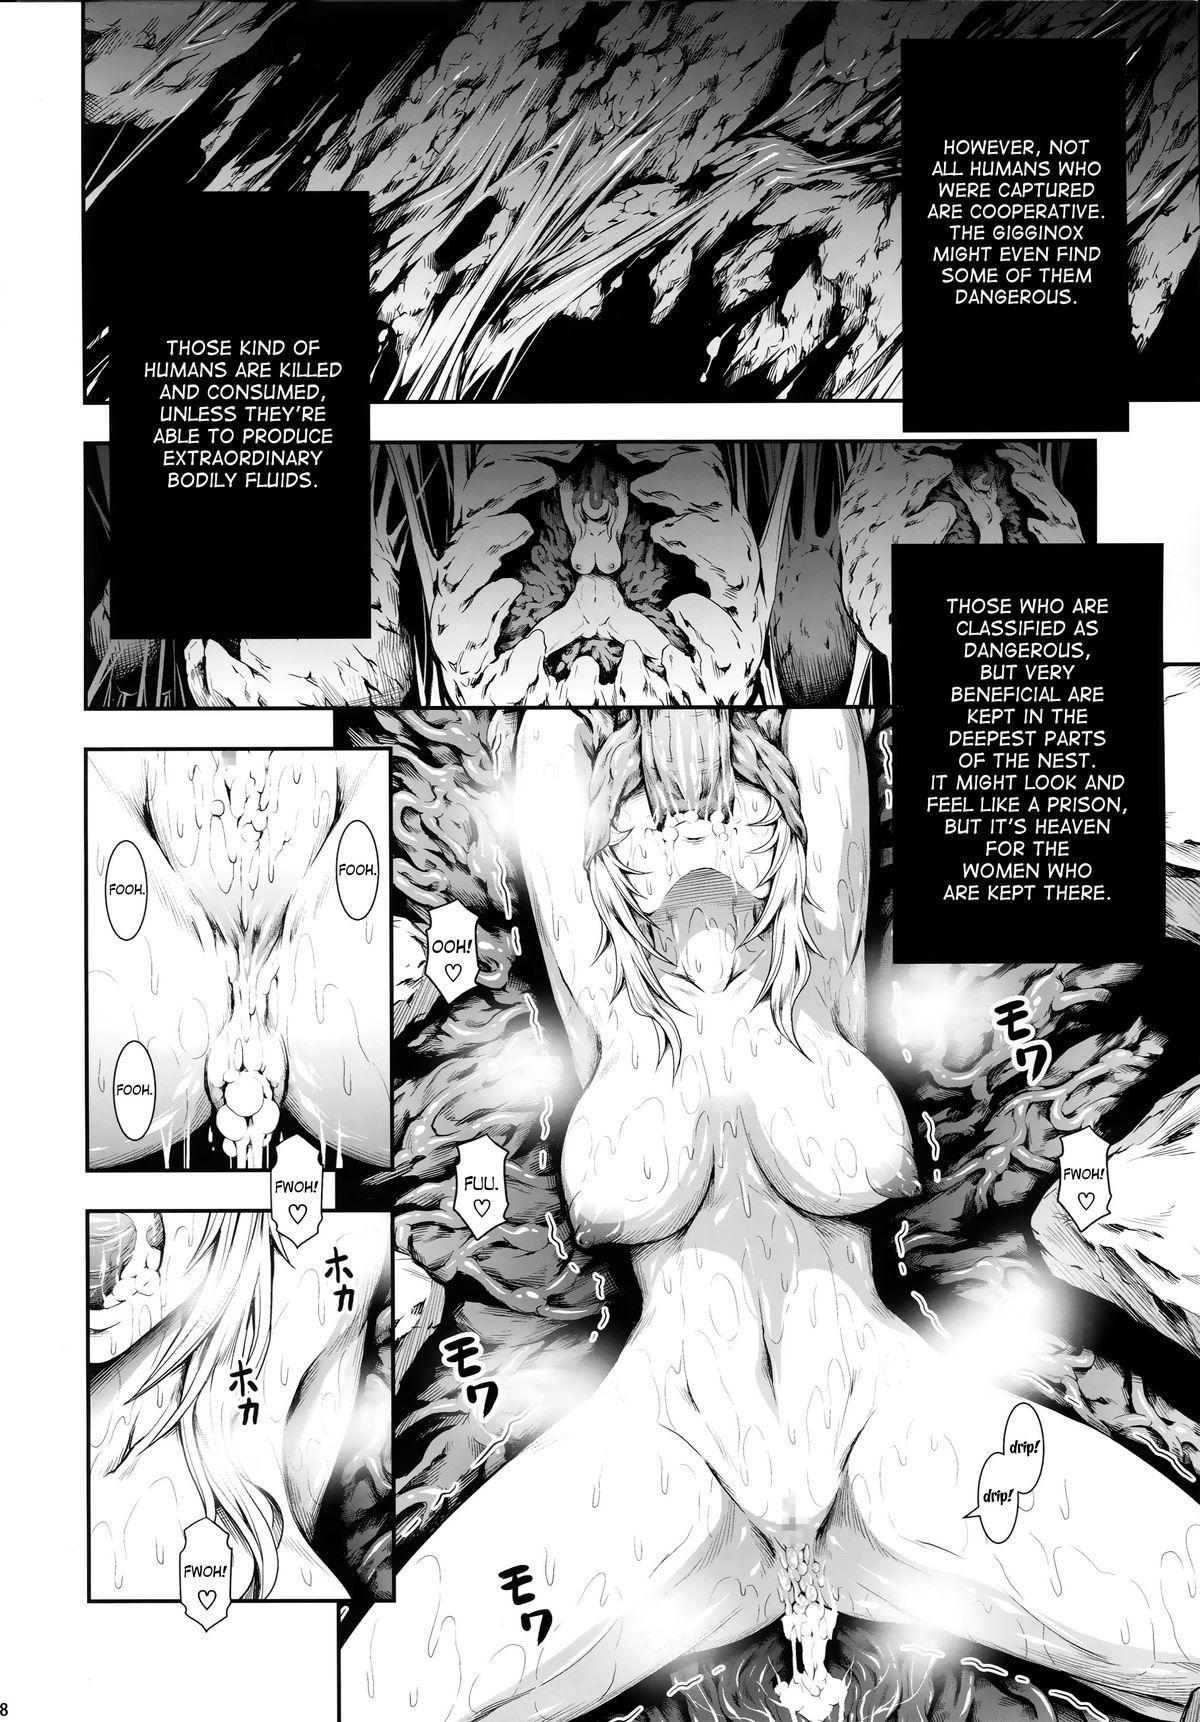 Solo Hunter no Seitai 4 The fifth part 28